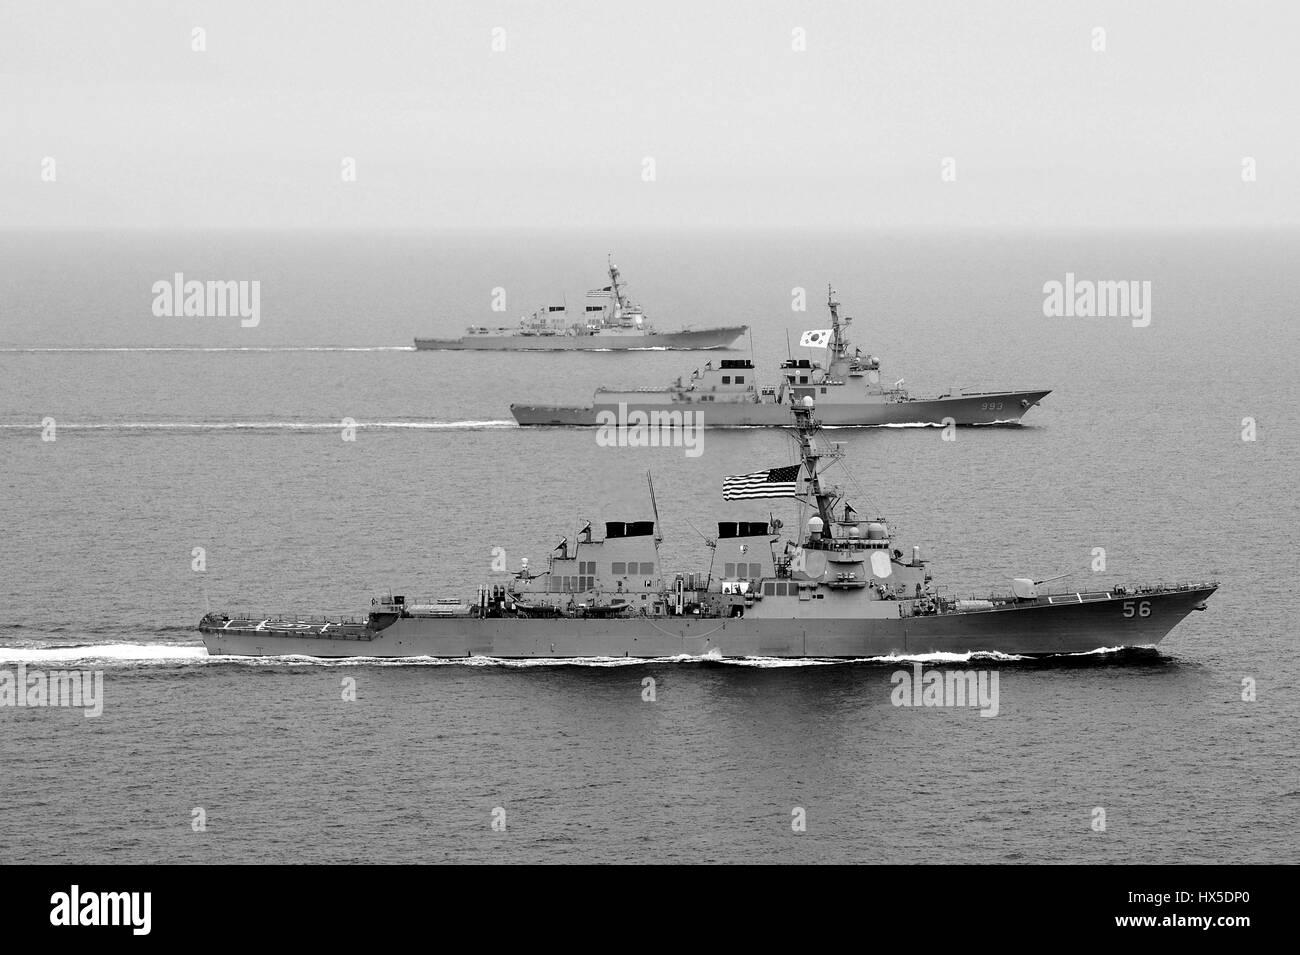 La clase Arleigh Burke de misiles guiados destructor USS John S. McCain (DDG 56), República de Corea Marina destructor de clase Aegis ROKS Seoae-Yu-Seong-Ryong DDG (993), y la clase Arleigh Burke de misiles guiados destructor USS McCampbell (DDG 85) participar en ejercicio Foal Eagle 2013, al oeste de la Península de Corea, en 2013. Imagen cortesía de Declan Barnes/US Navy. Foto de stock